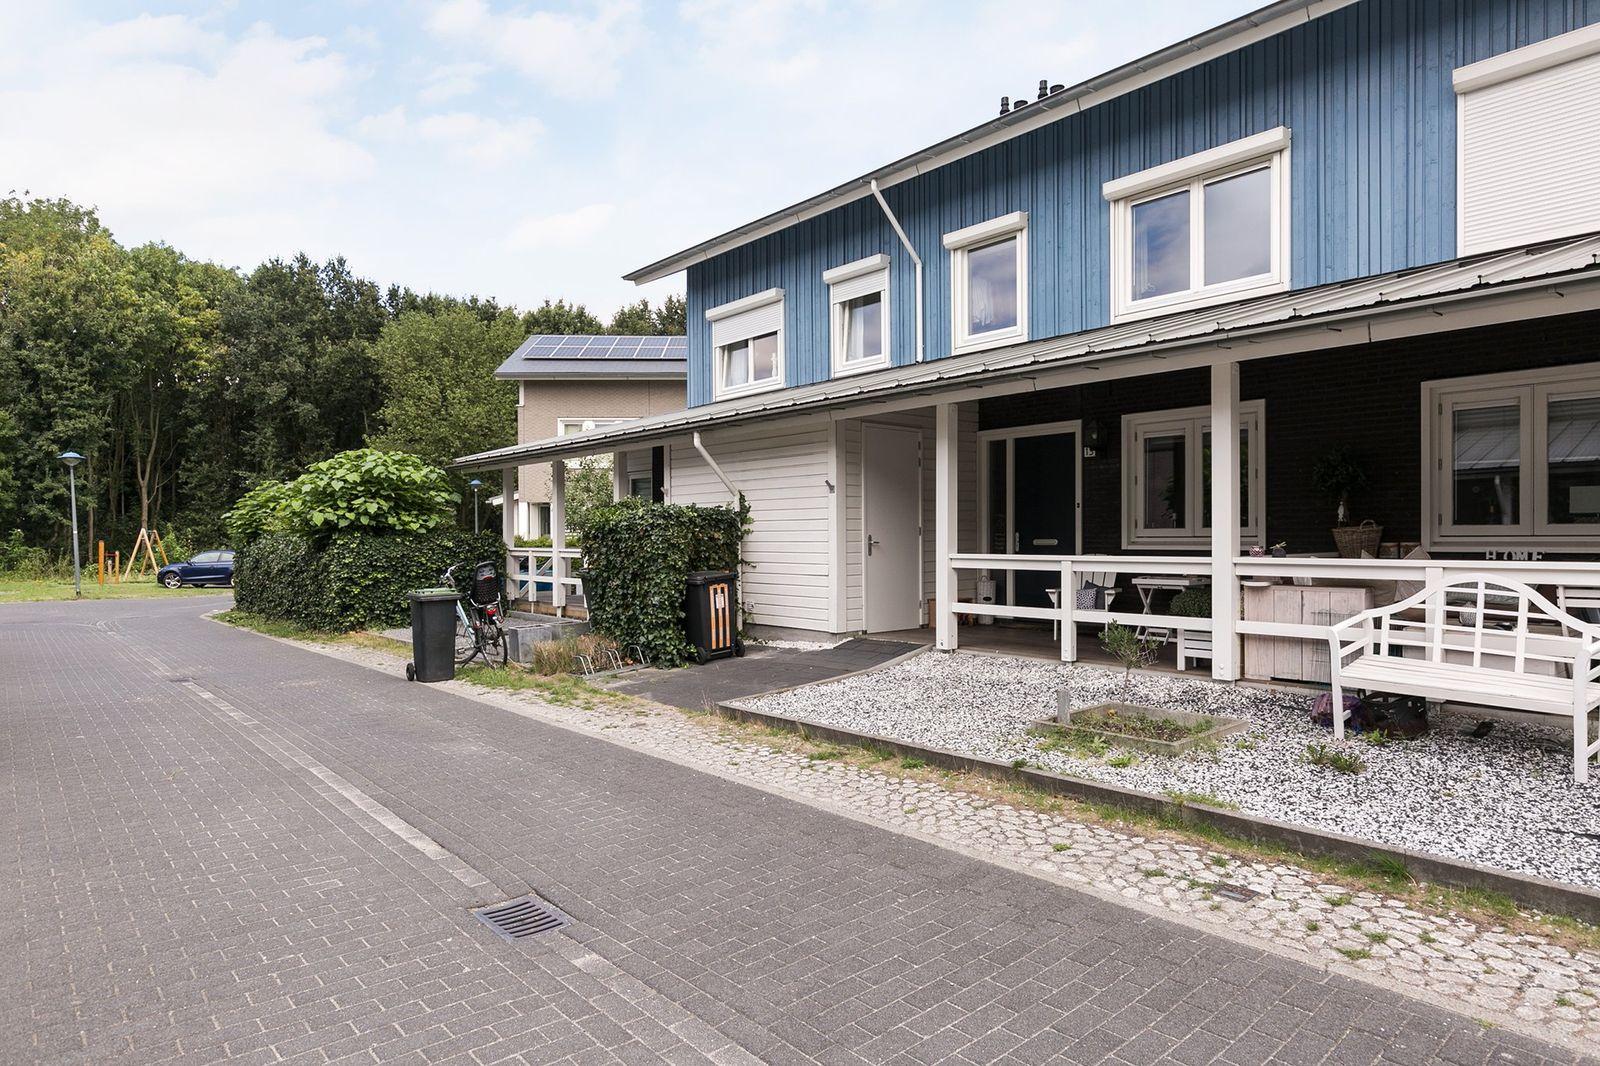 Fjorddal 13, Schiedam